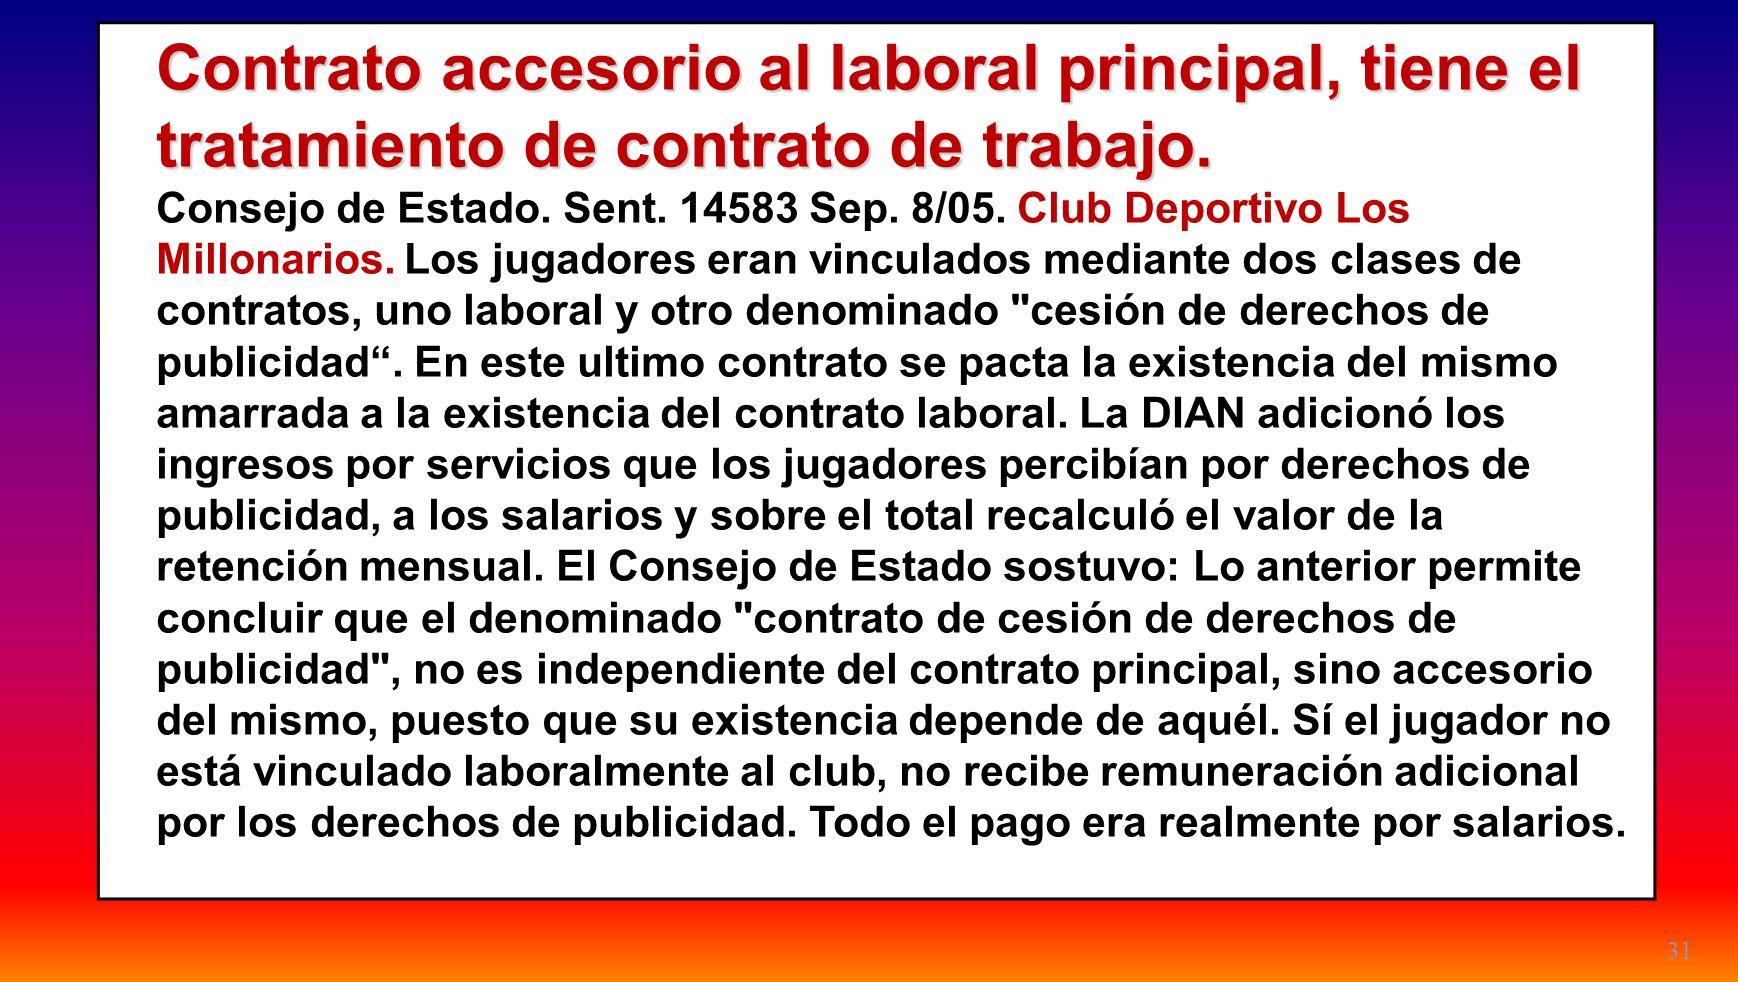 24/03/2017 Contrato accesorio al laboral principal, tiene el tratamiento de contrato de trabajo.